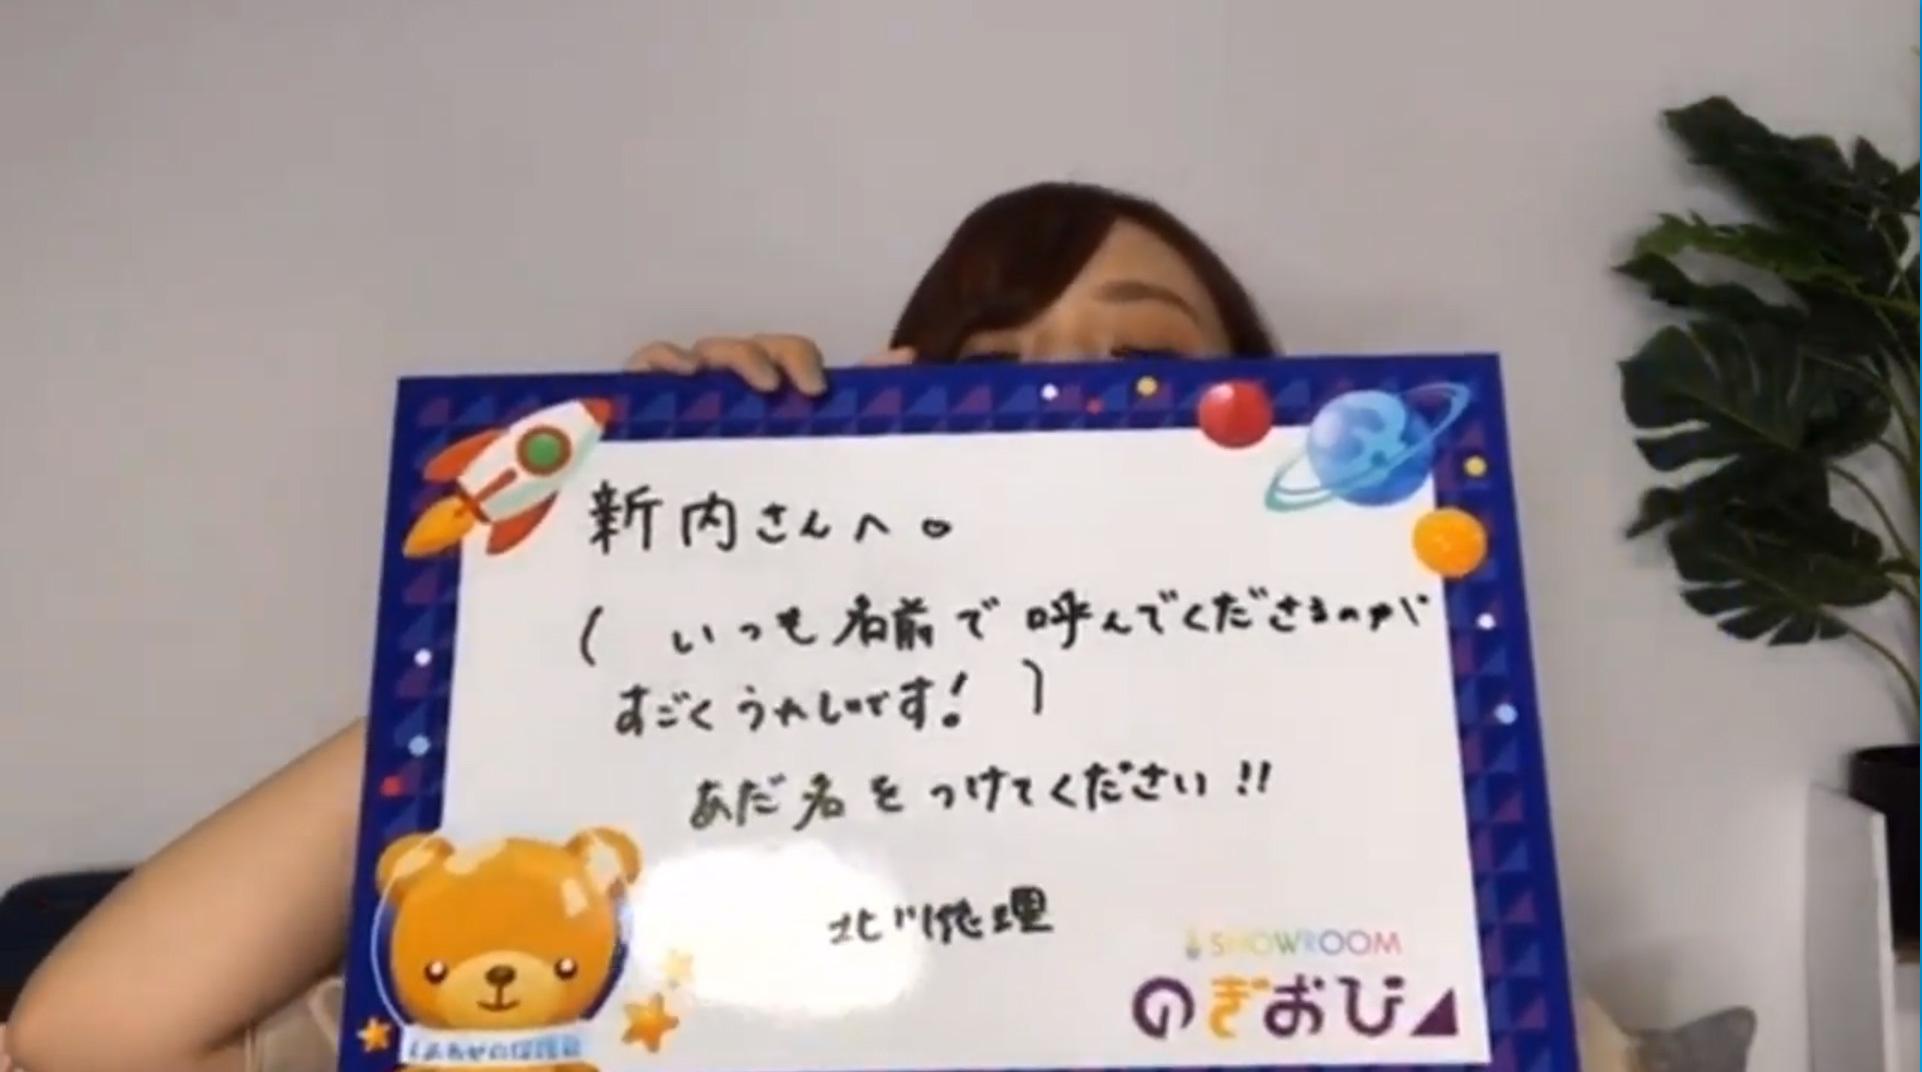 のぎおび 北川悠理から新内眞衣への宿題は「あだ名をつけてください!!」